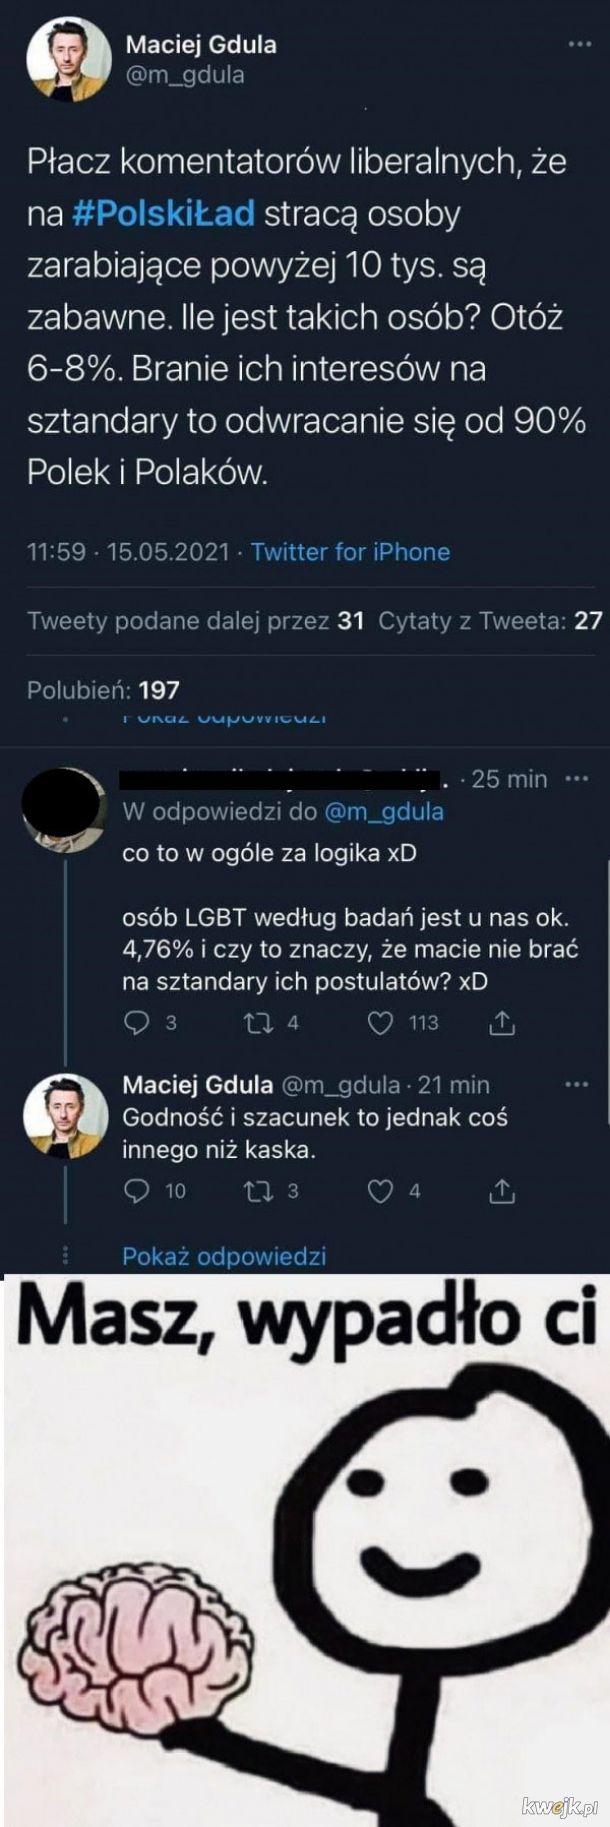 Poziom Polskiej sceny politycznej: poniżej gruntu